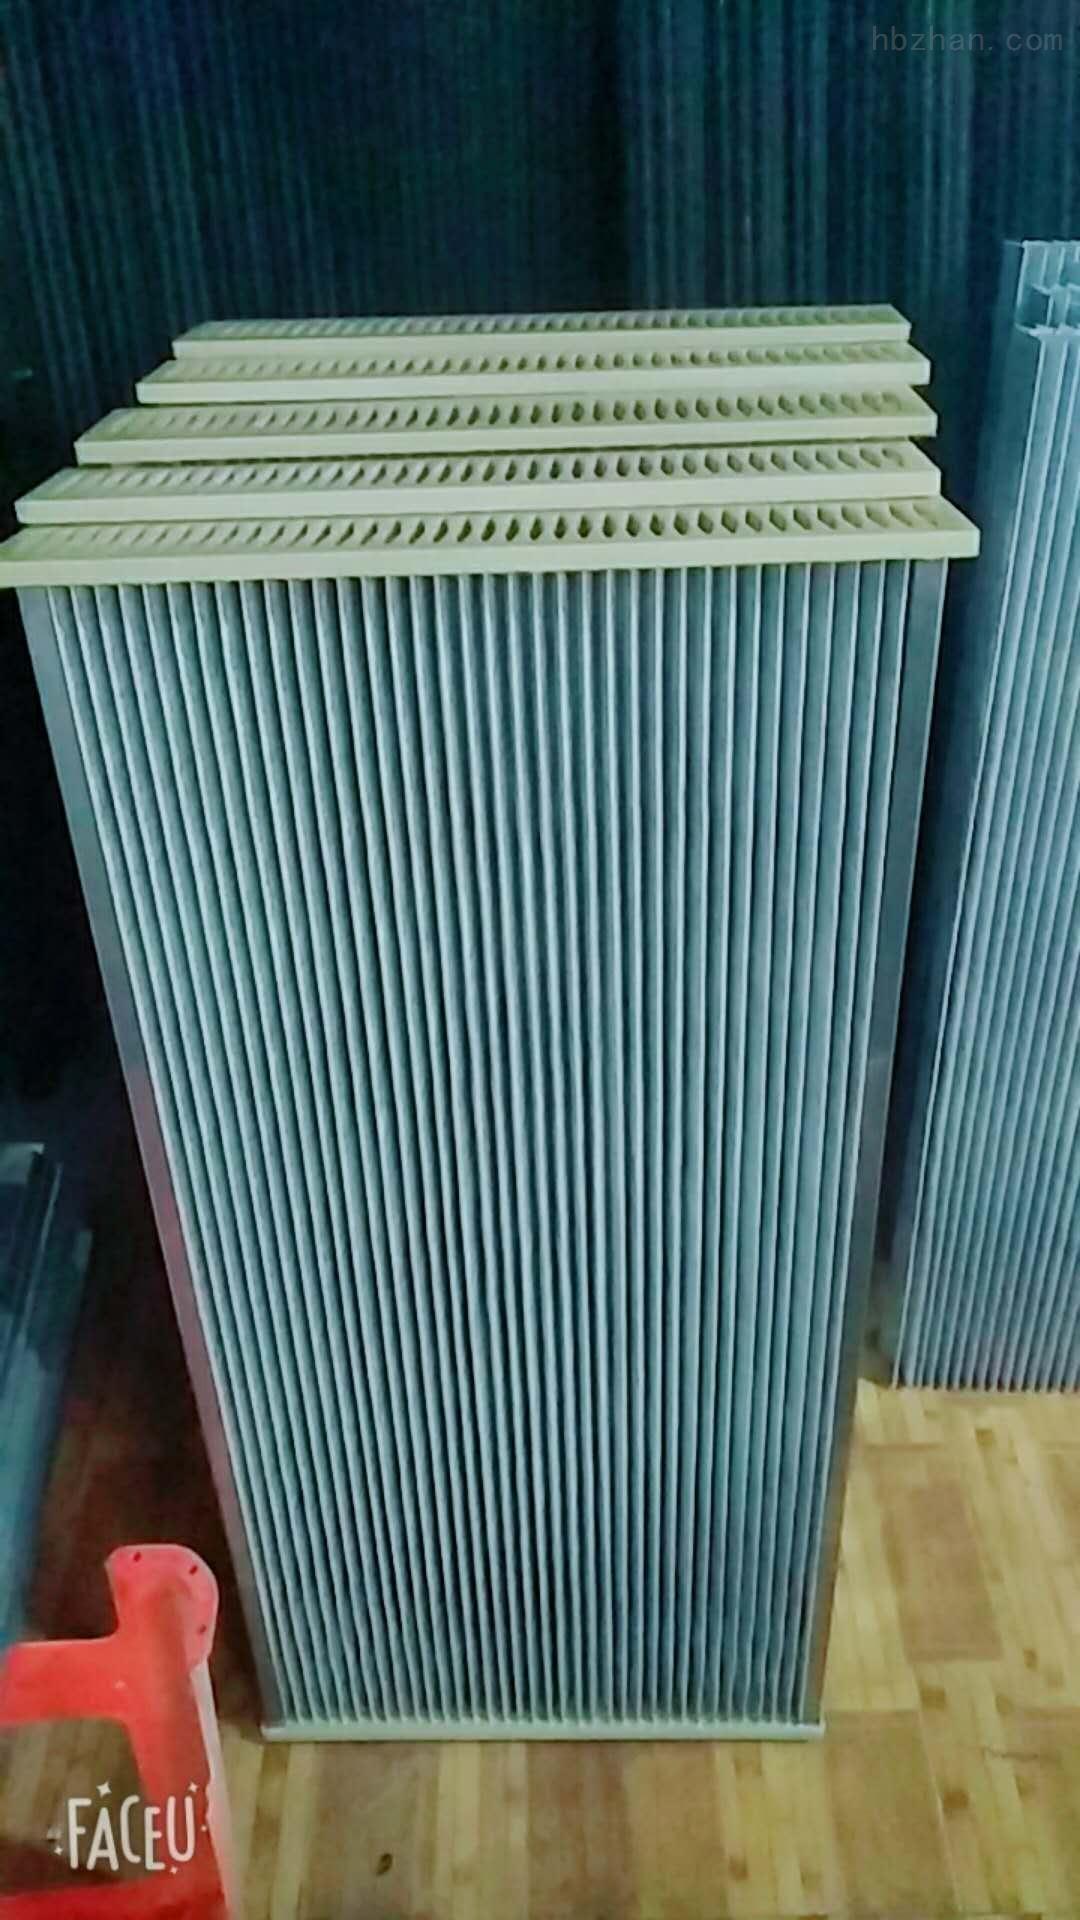 孝感DFM40PP005A01滤芯厂家